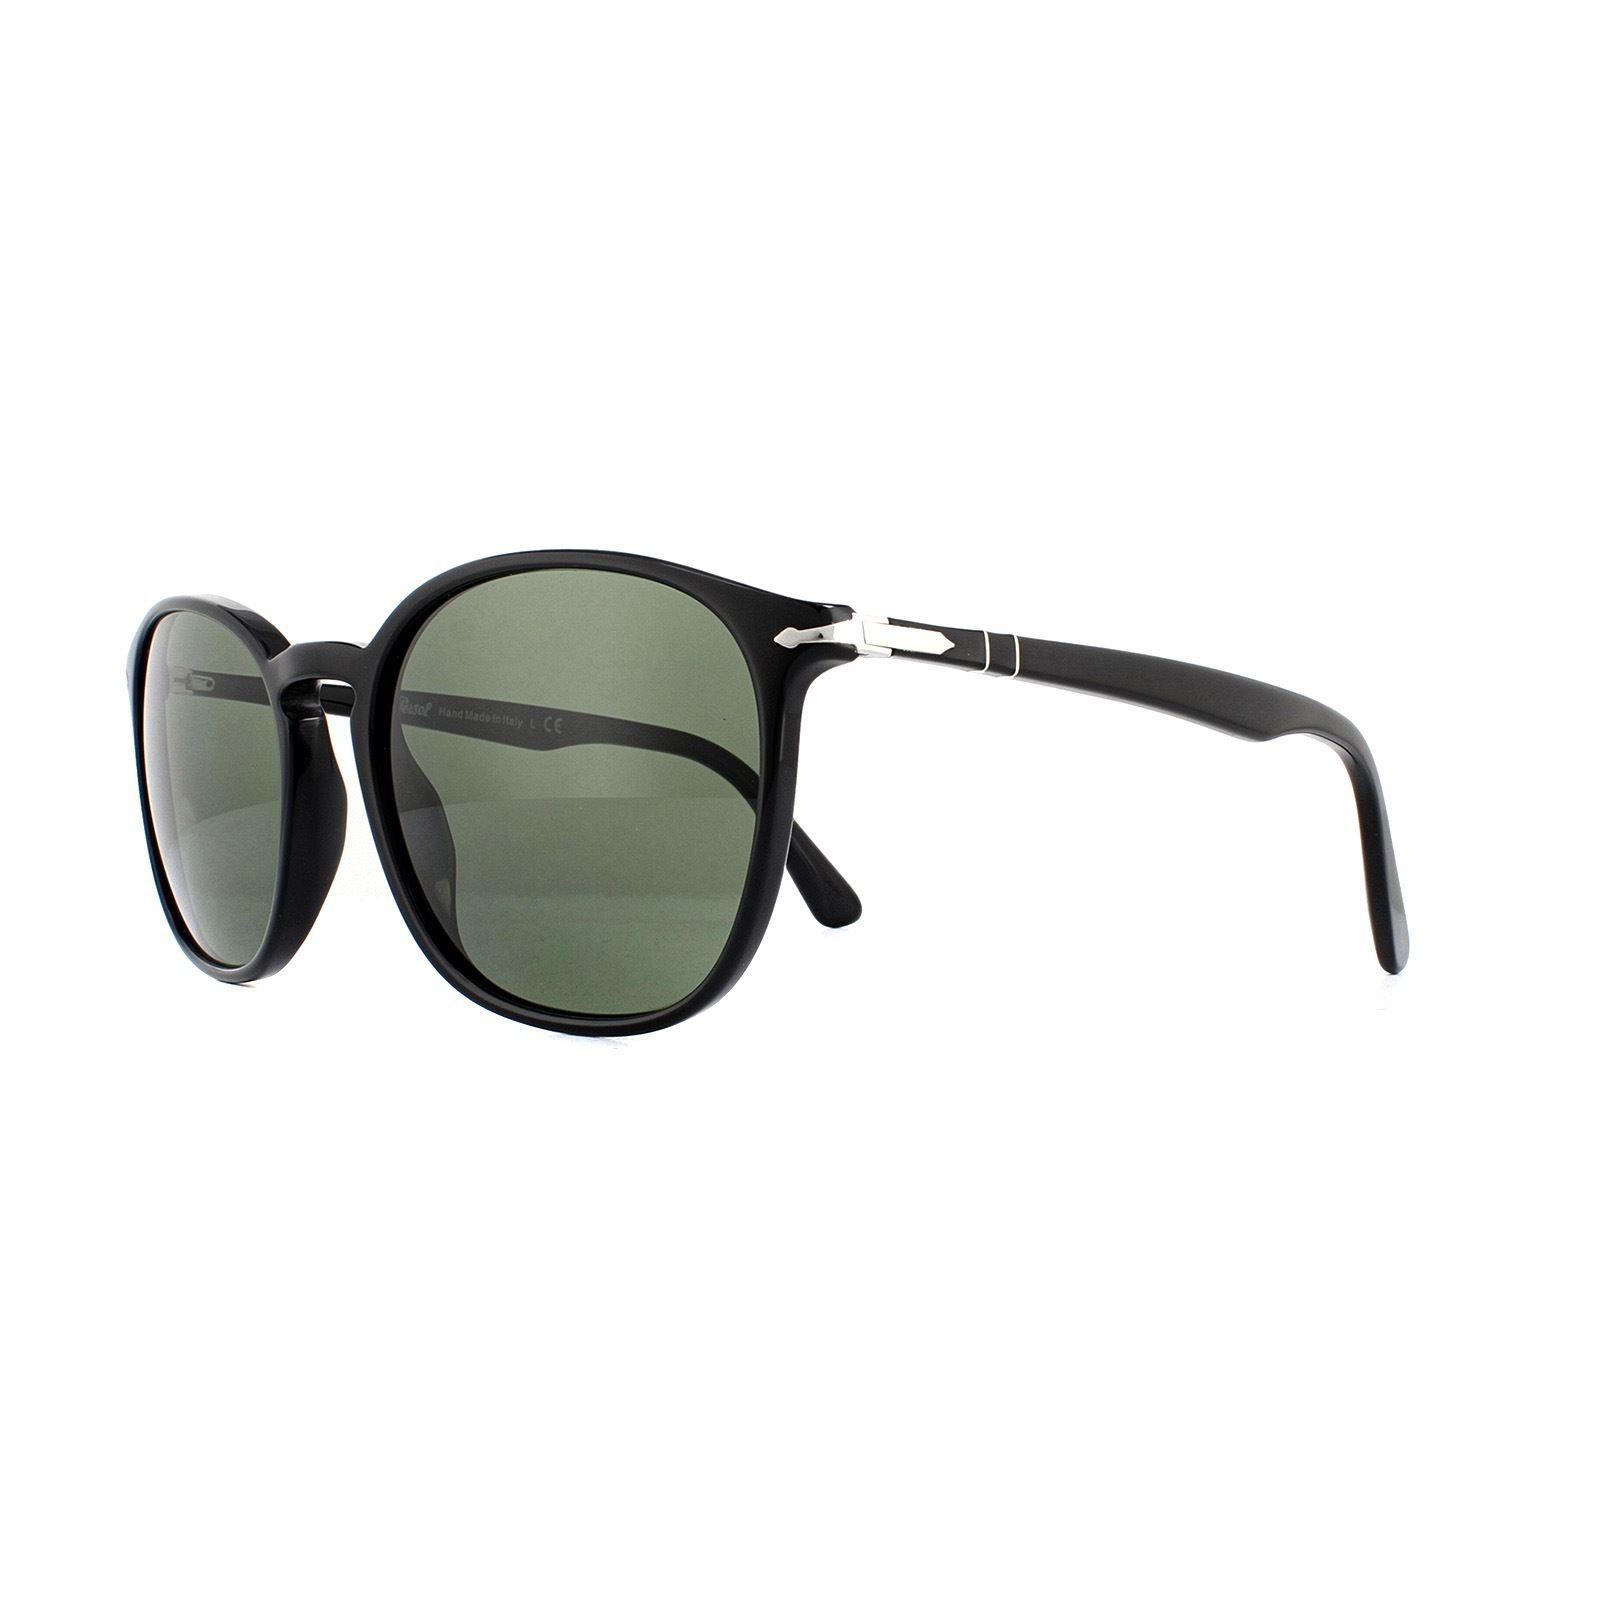 Persol Sunglasses PO3215S 95/31 Black Green 57mm